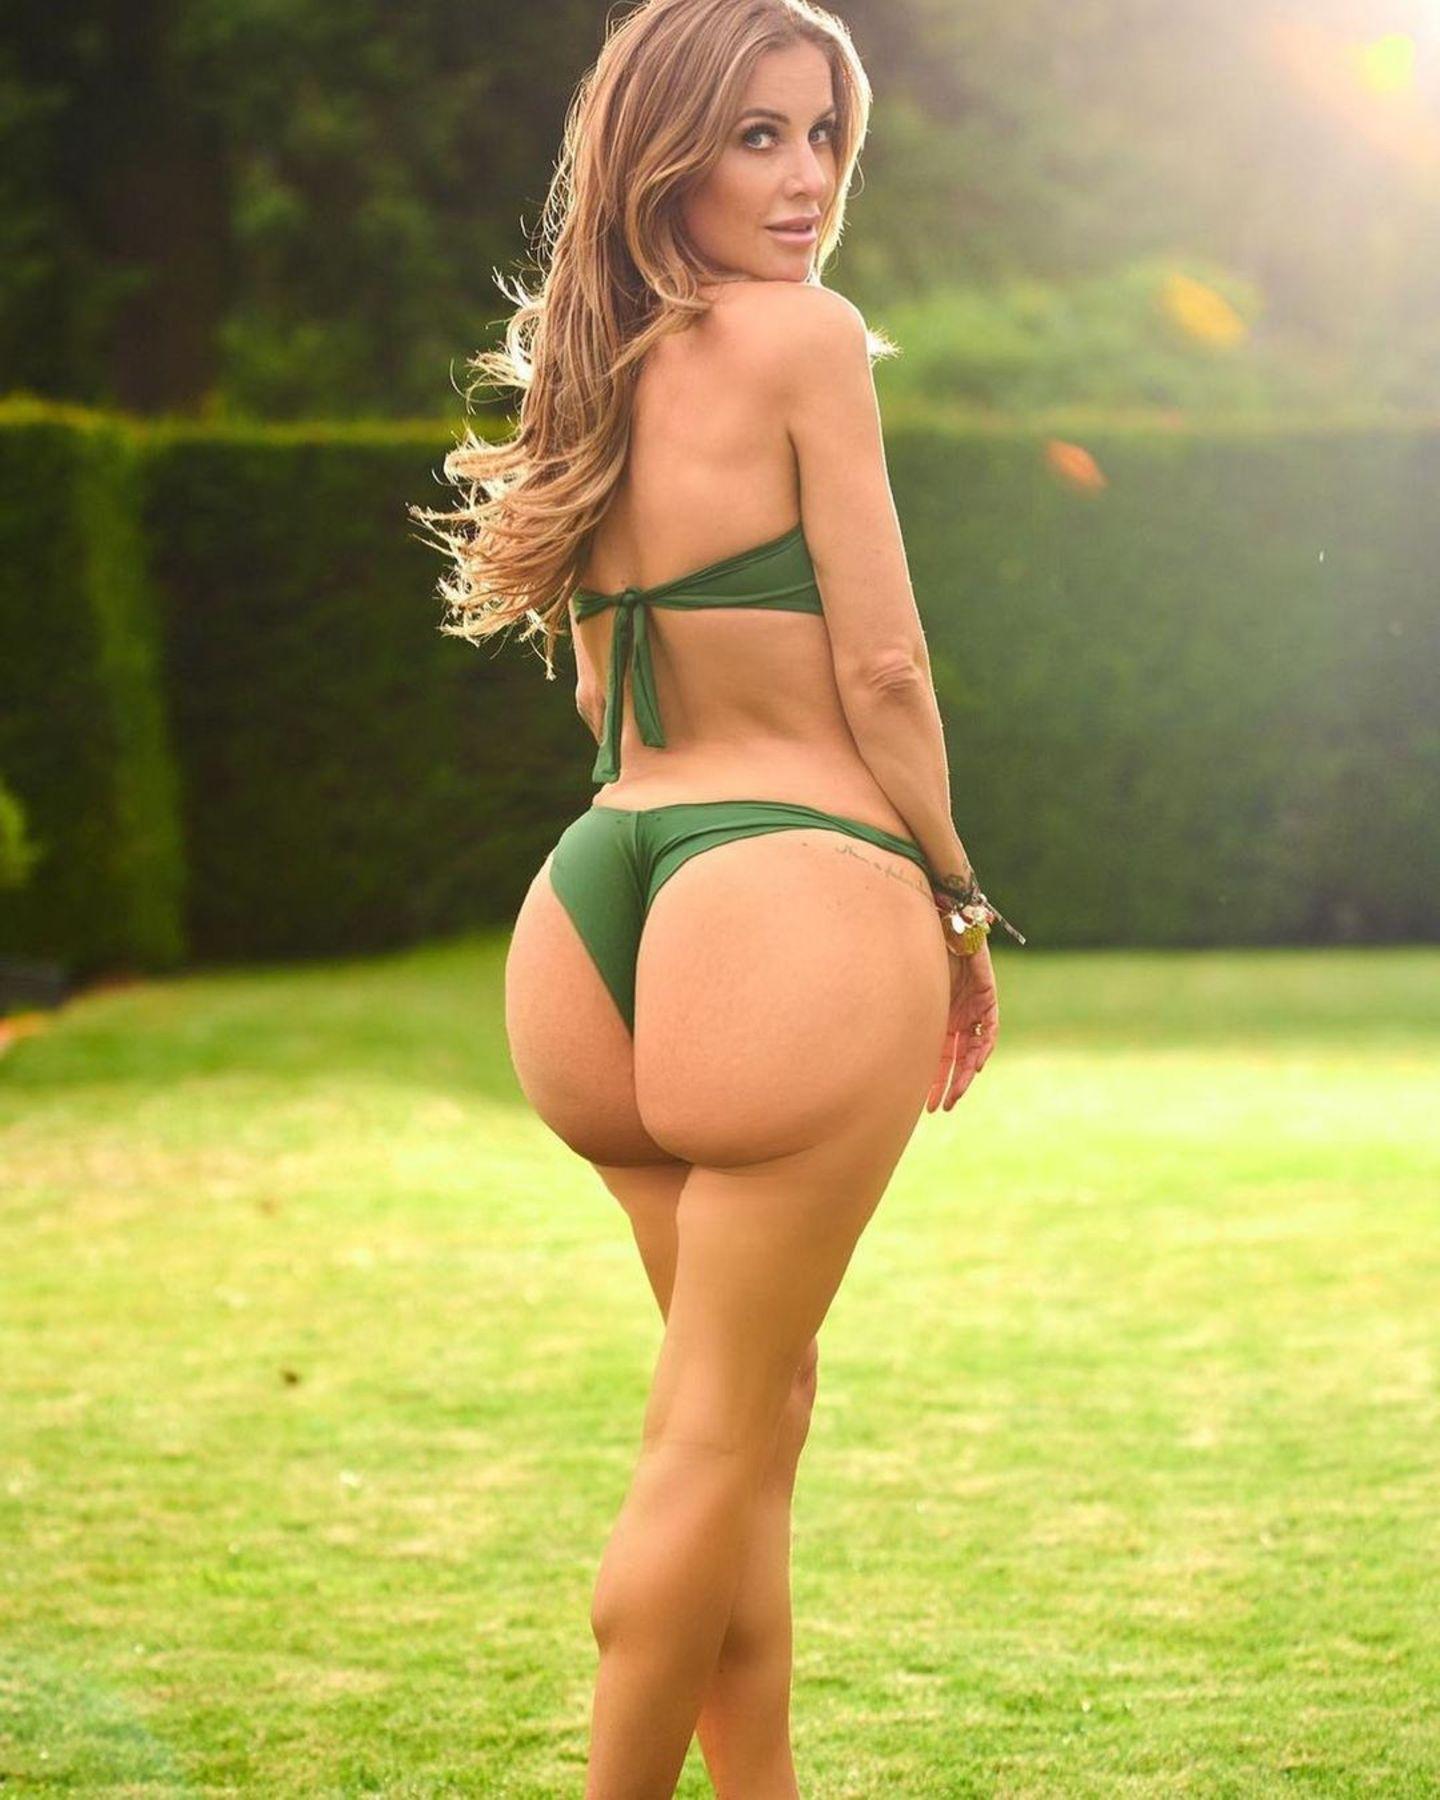 Huch, was ist denn da los? Charlotte Würdig präsentiert nur im Bikini ihre sehr runde Kehrseite. Photoshop-Fail? Eher Photoshop-Kunst: Zu dem bearbeiteten Foto schreibt die Moderatorin, dass sie sich von den Kardashians hat inspirieren lassen. Und ihre Fans und Follower feiern sie!